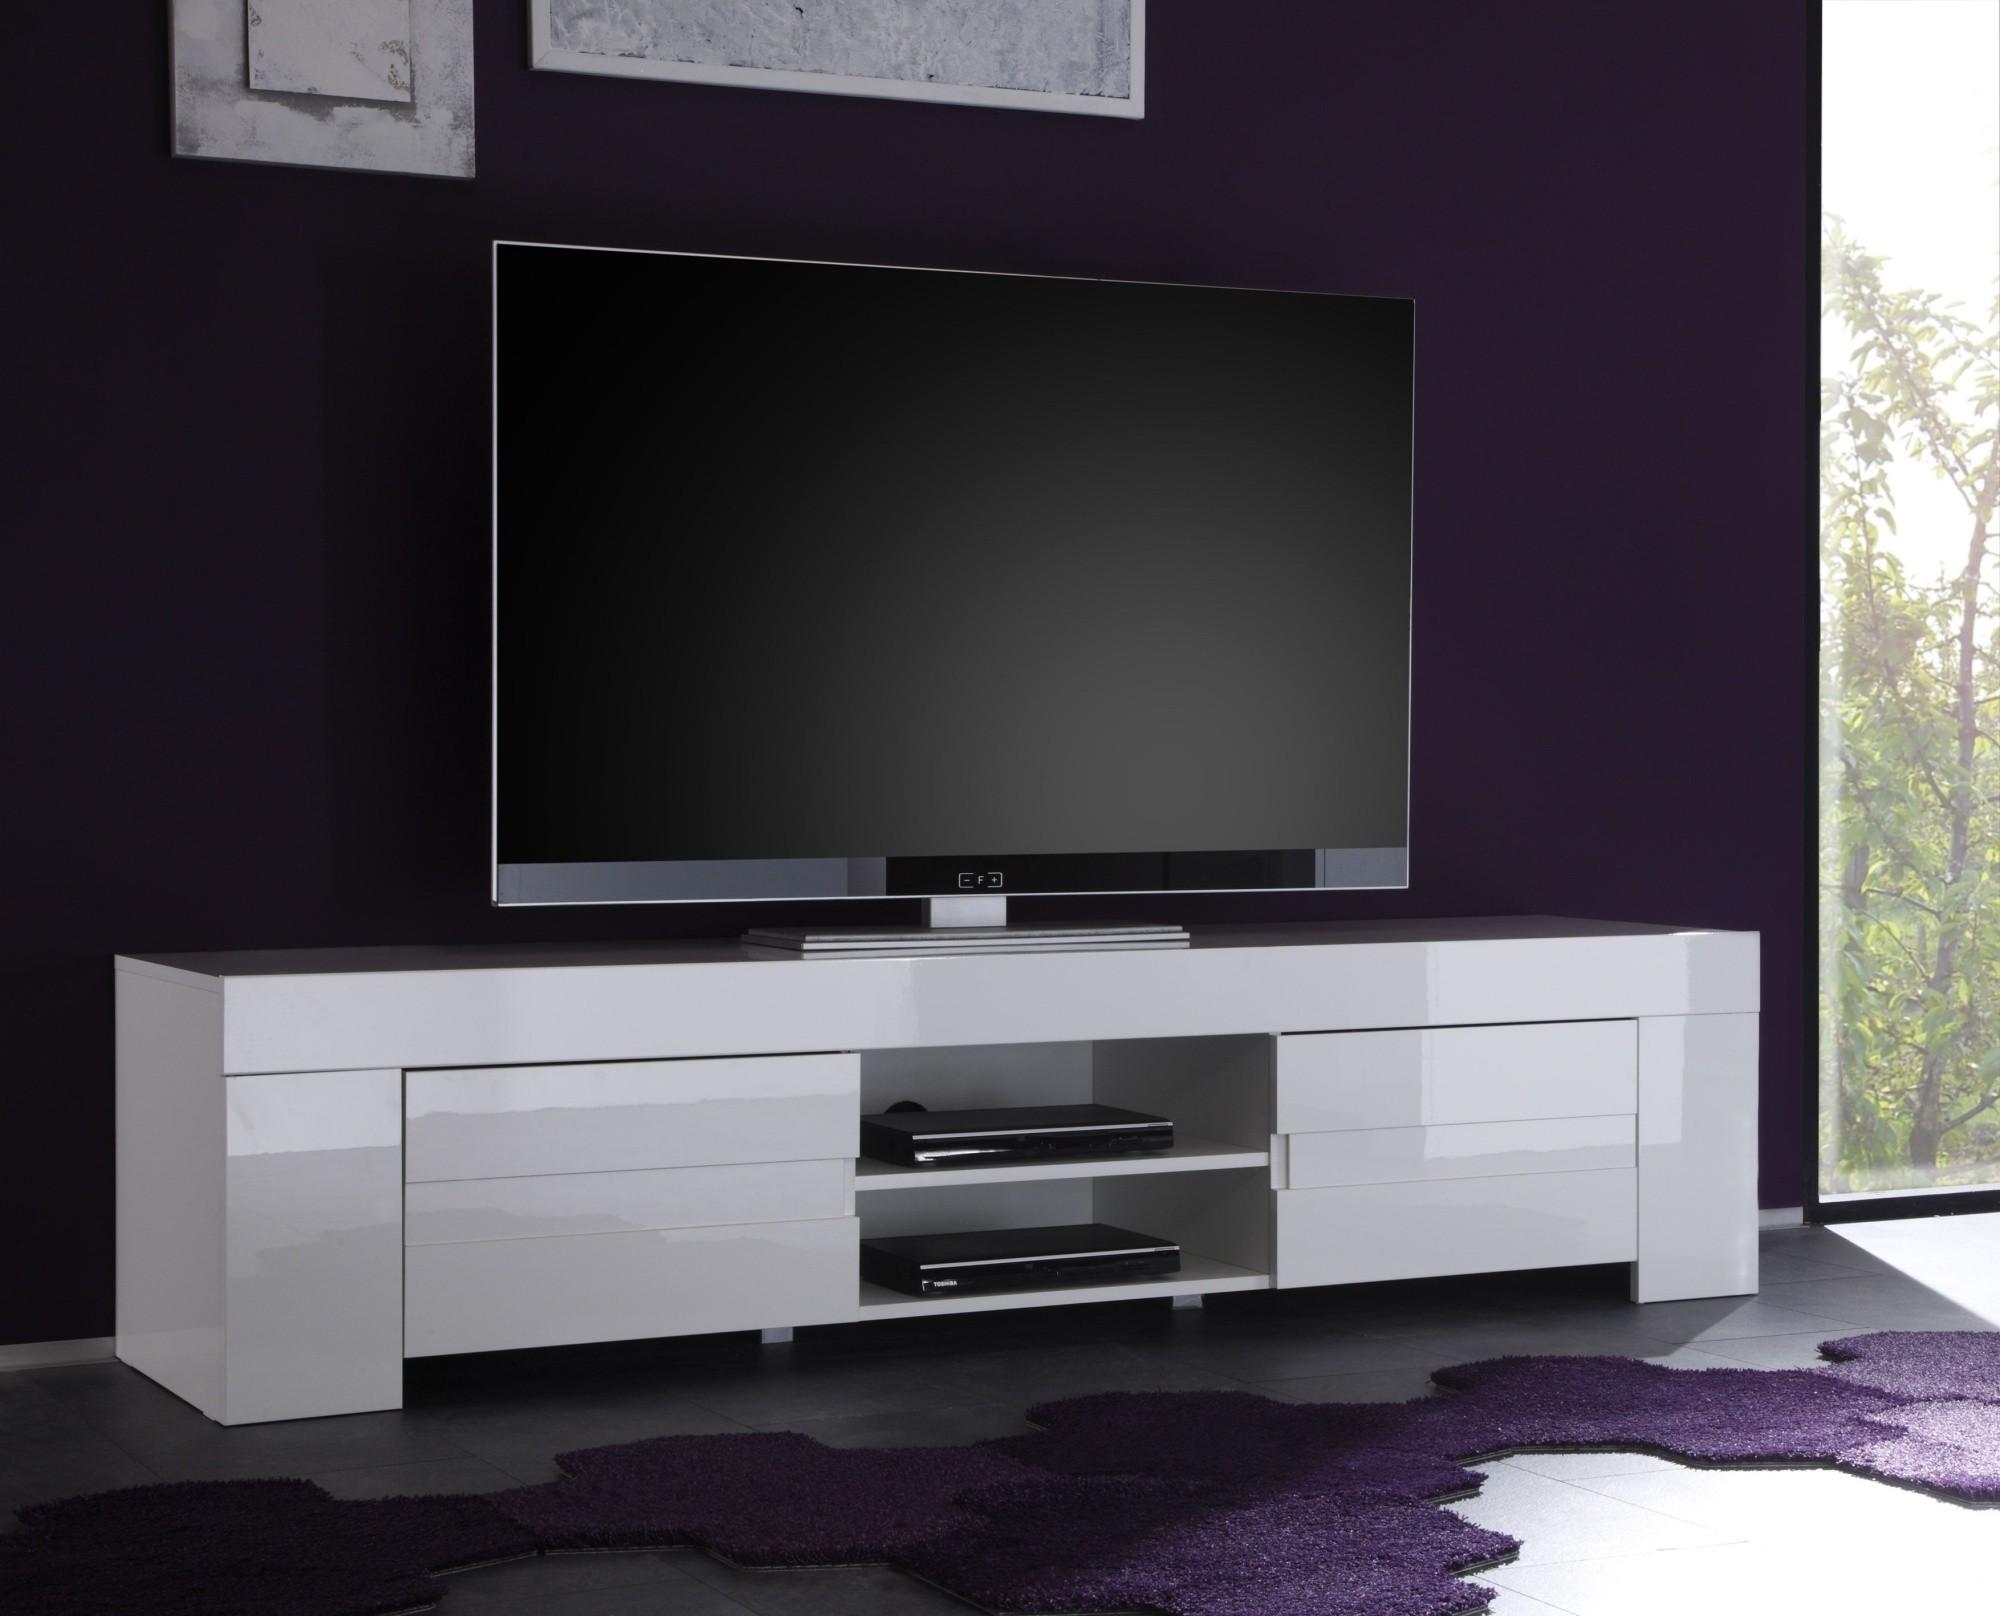 Meuble tv design promo